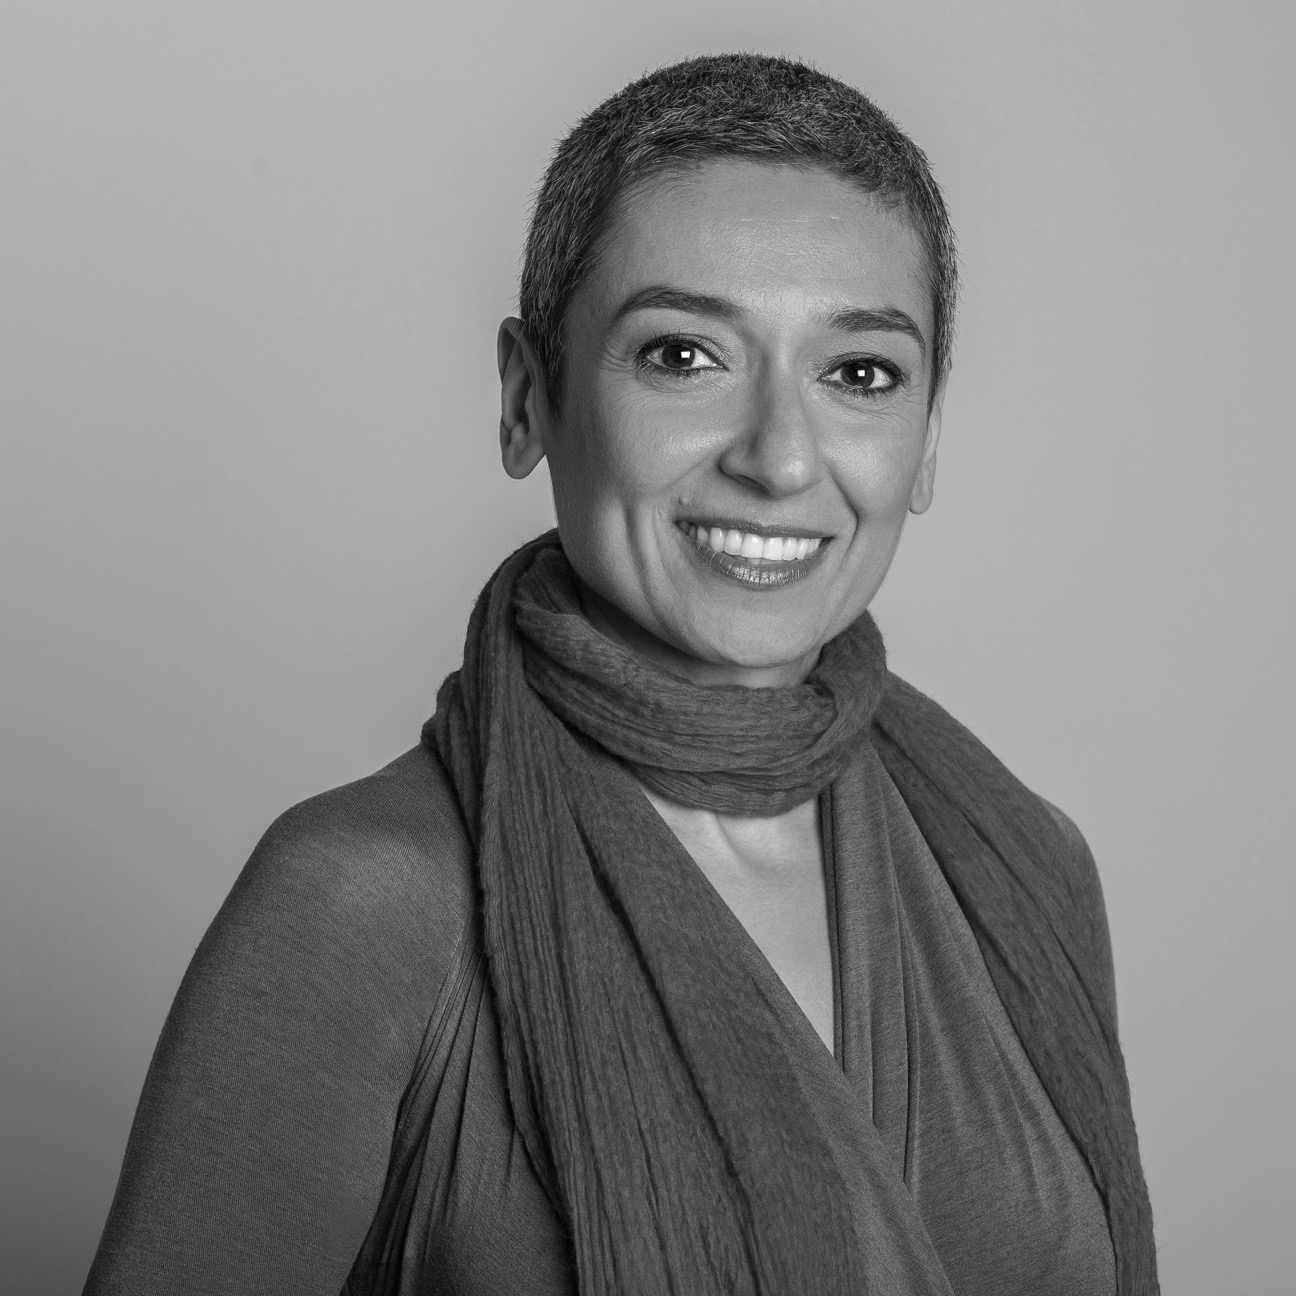 Zanaib Salbi